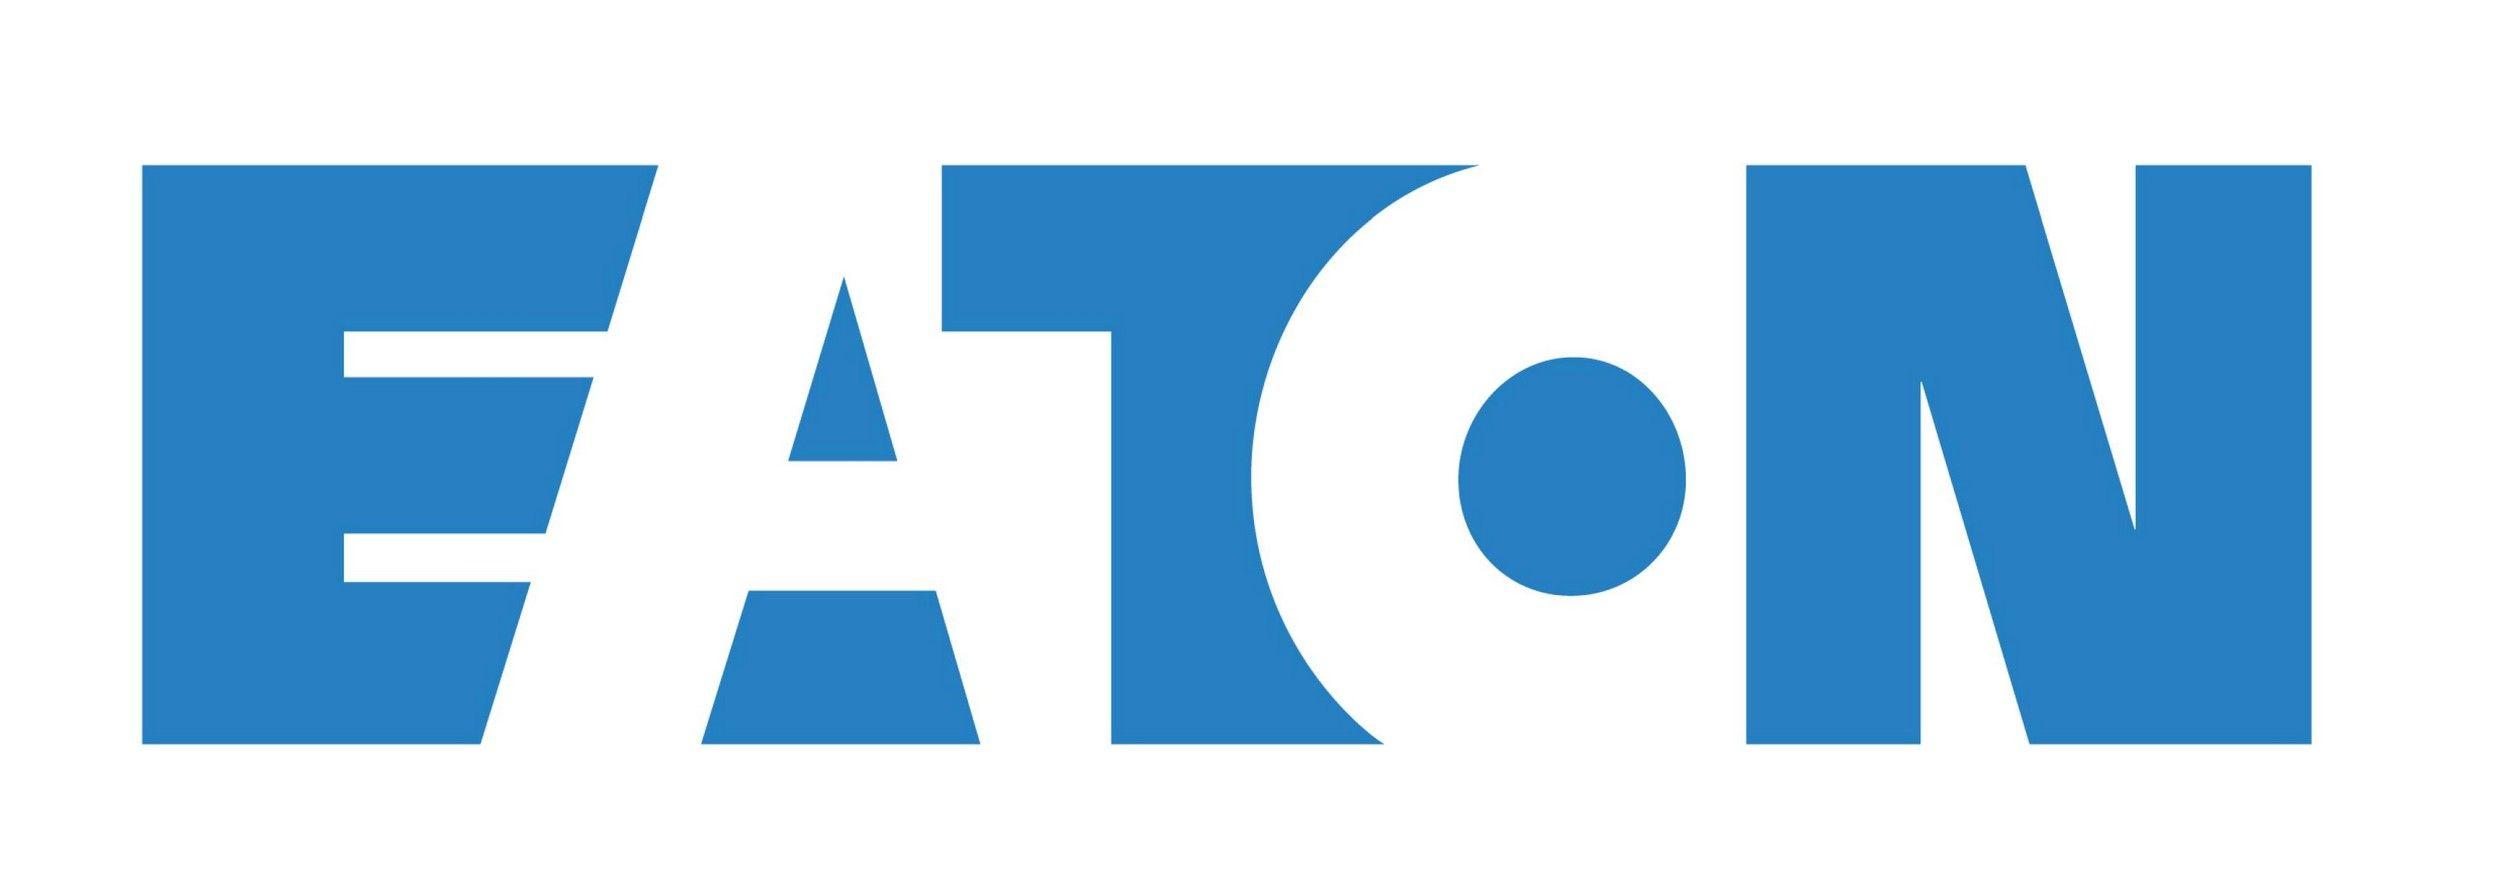 Logo Designing Jobs In India